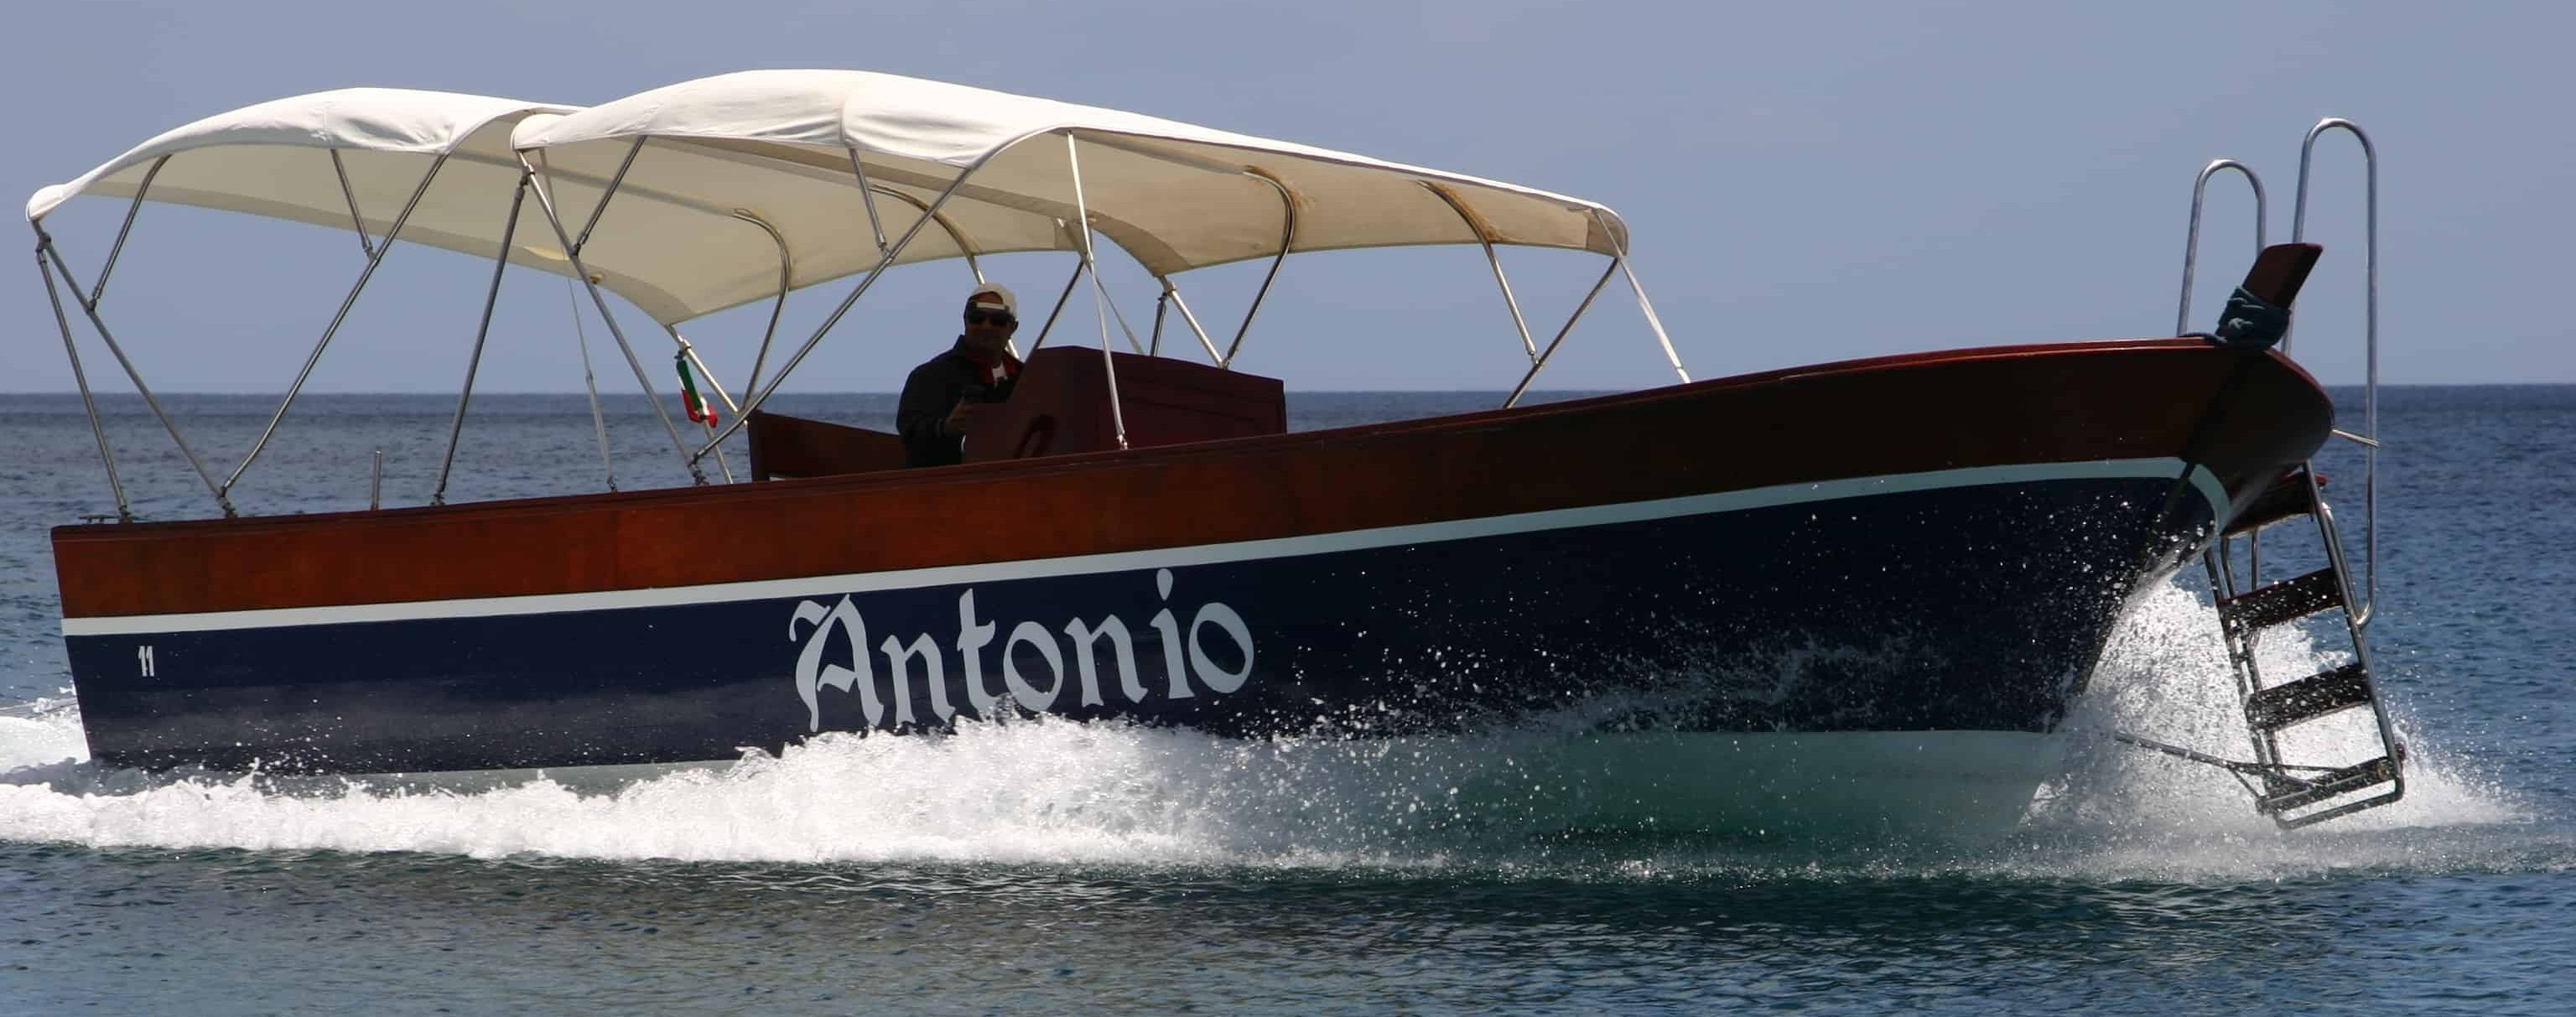 Boottocht Taormina - Giardini Naxos - Kapitein Antonio